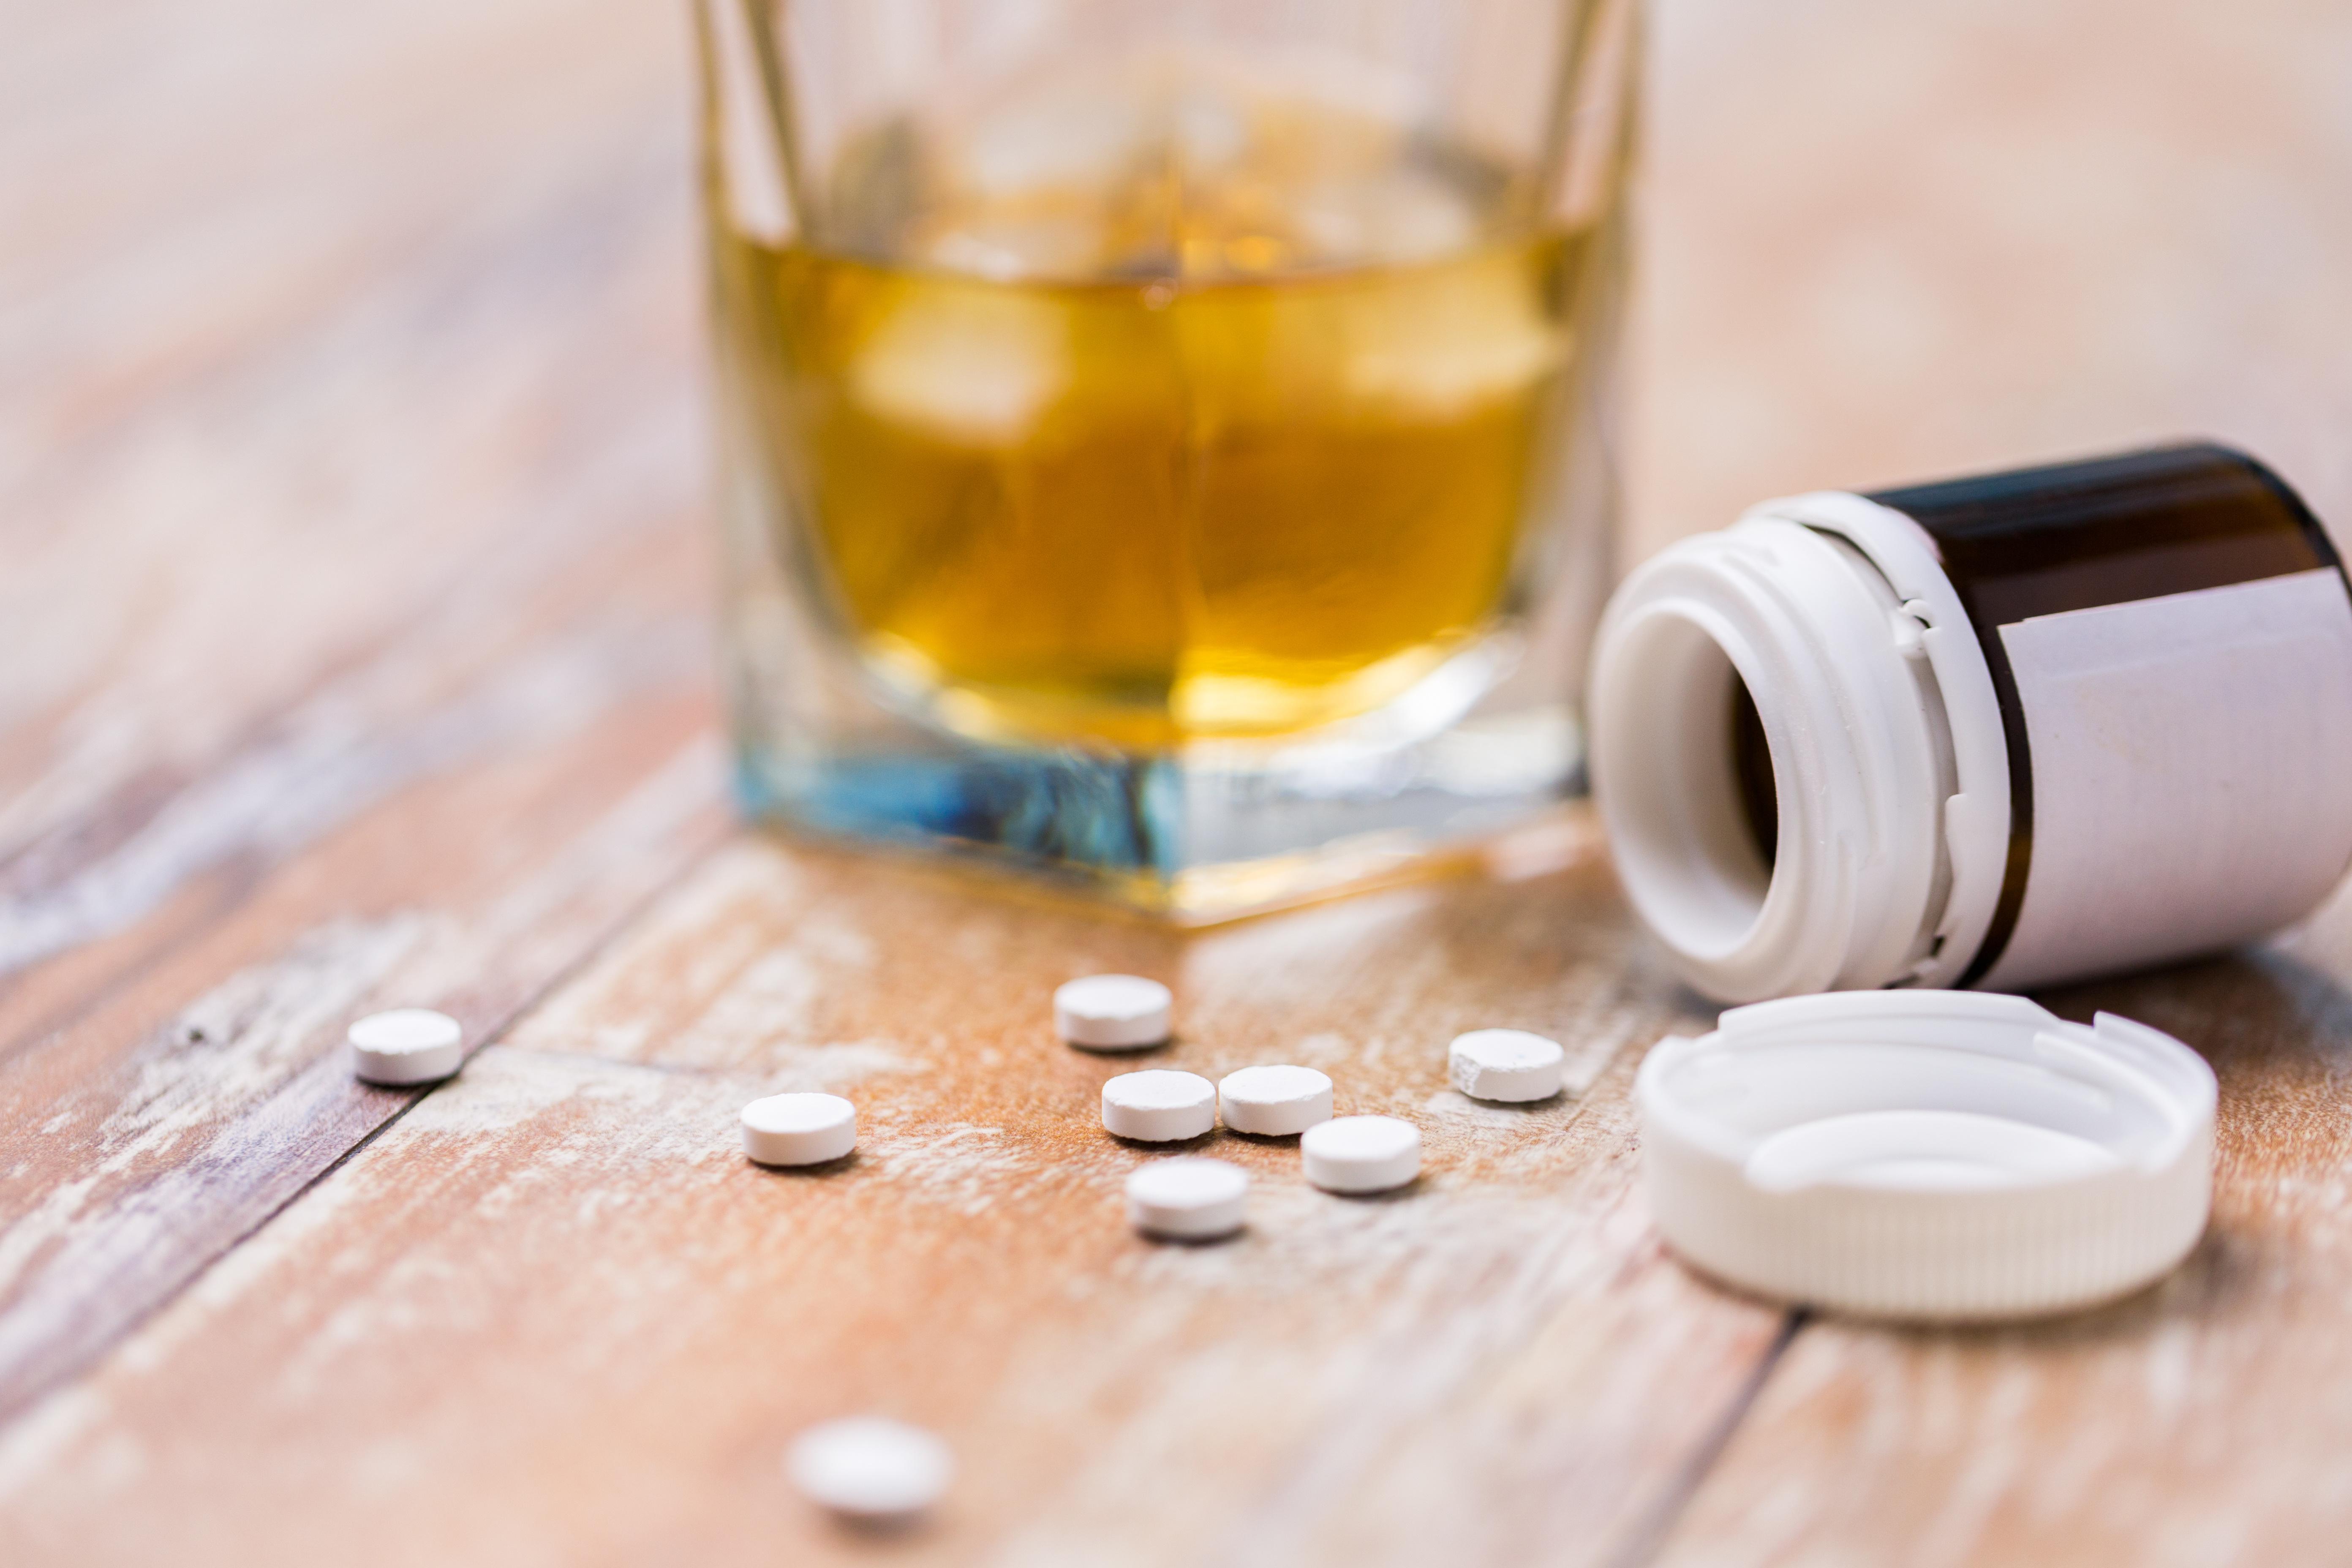 Cibler les neurones somatostatine permettrait d'alléger les symptômes dépressifs du sevrage alcoolique (Visuel AdobeStock_206375700)